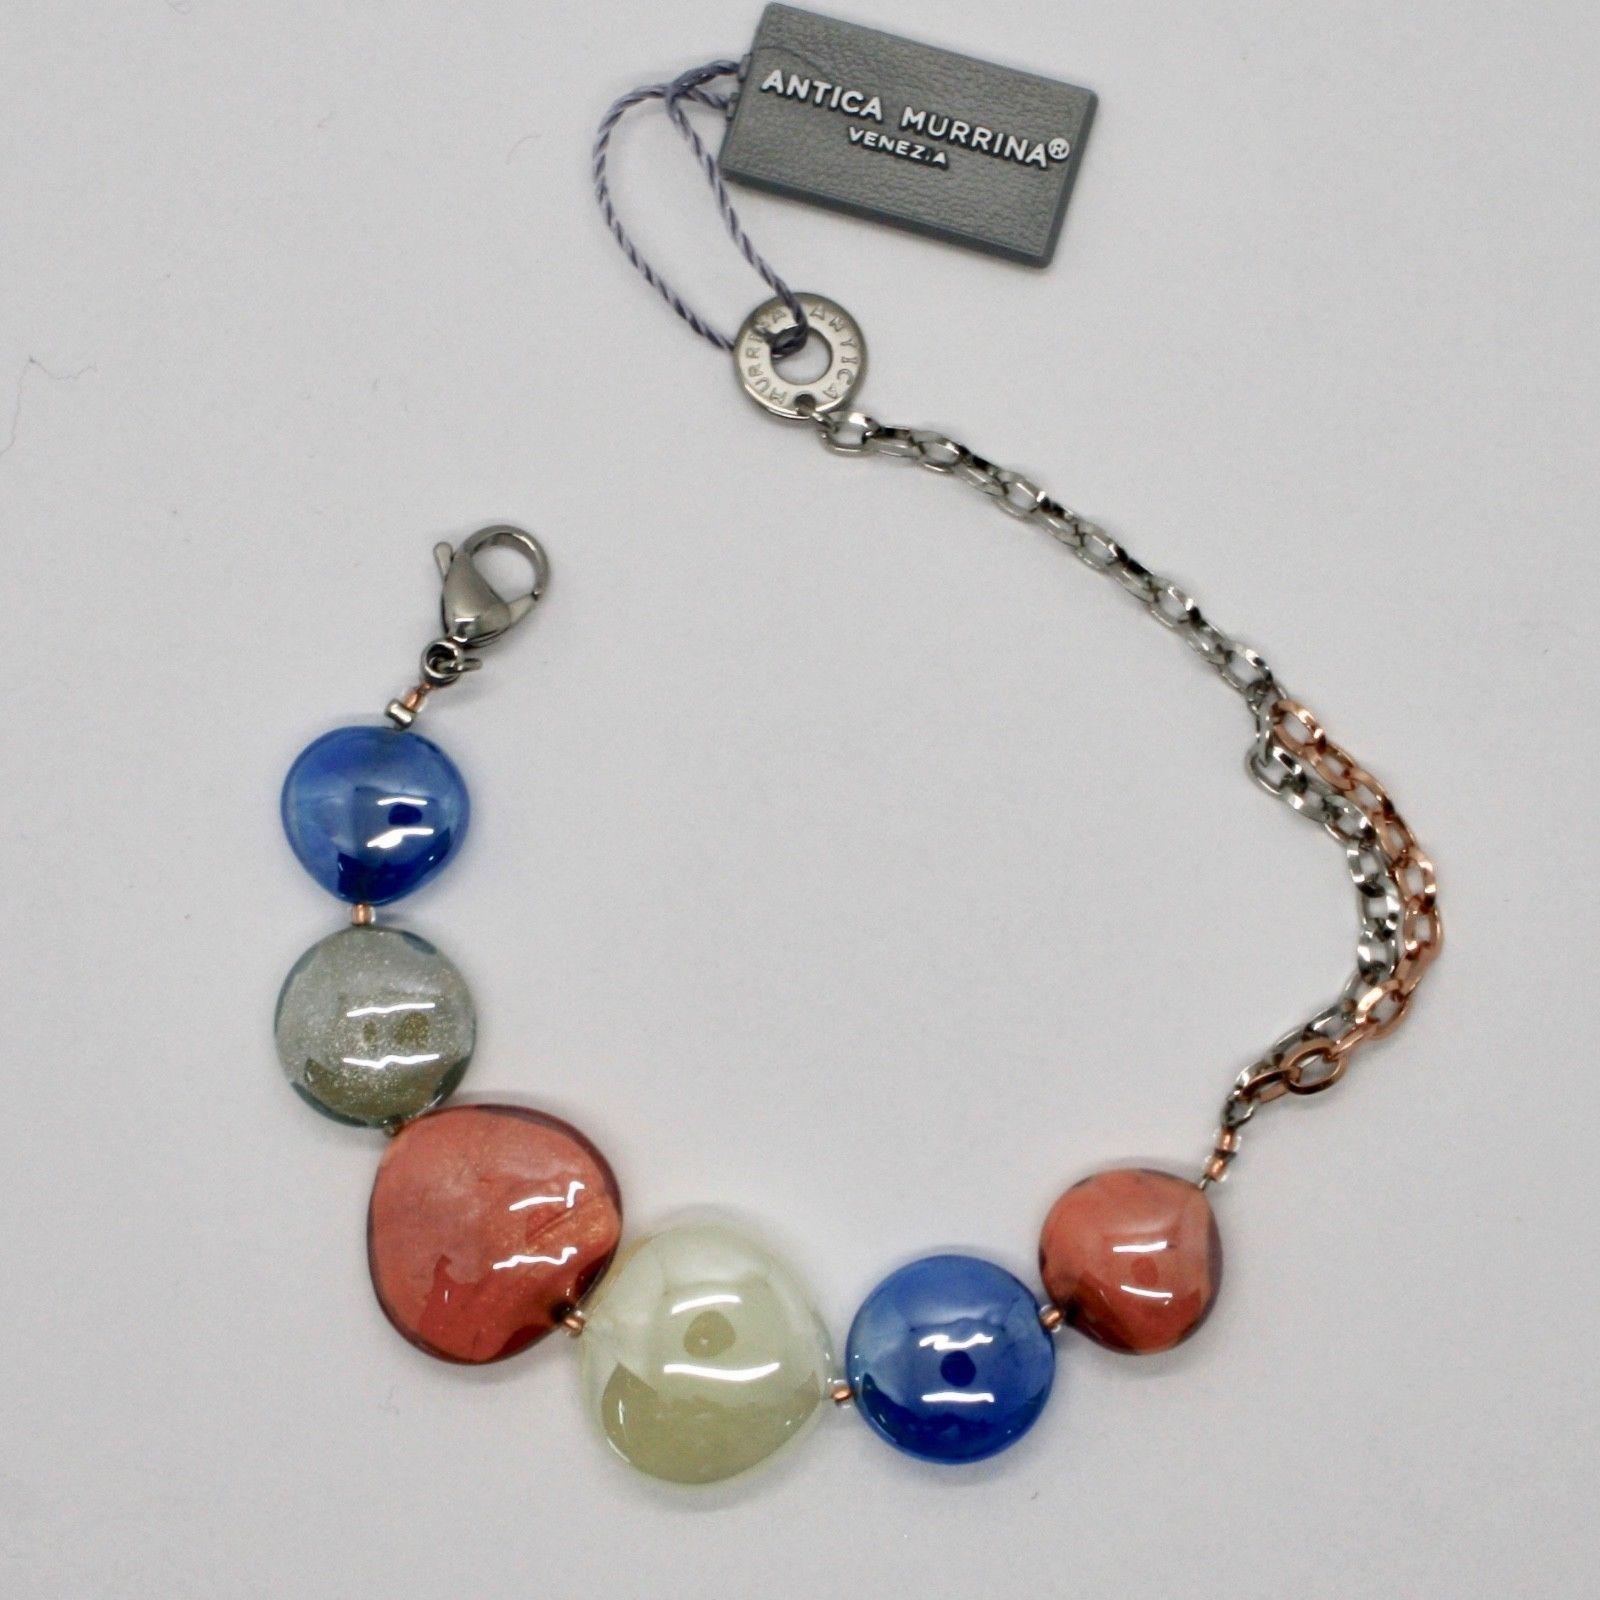 ANTICA MURRINA VENEZIA BRACELET WITH MURANO GLASS BLU ORANGE BEIGE BR800A46